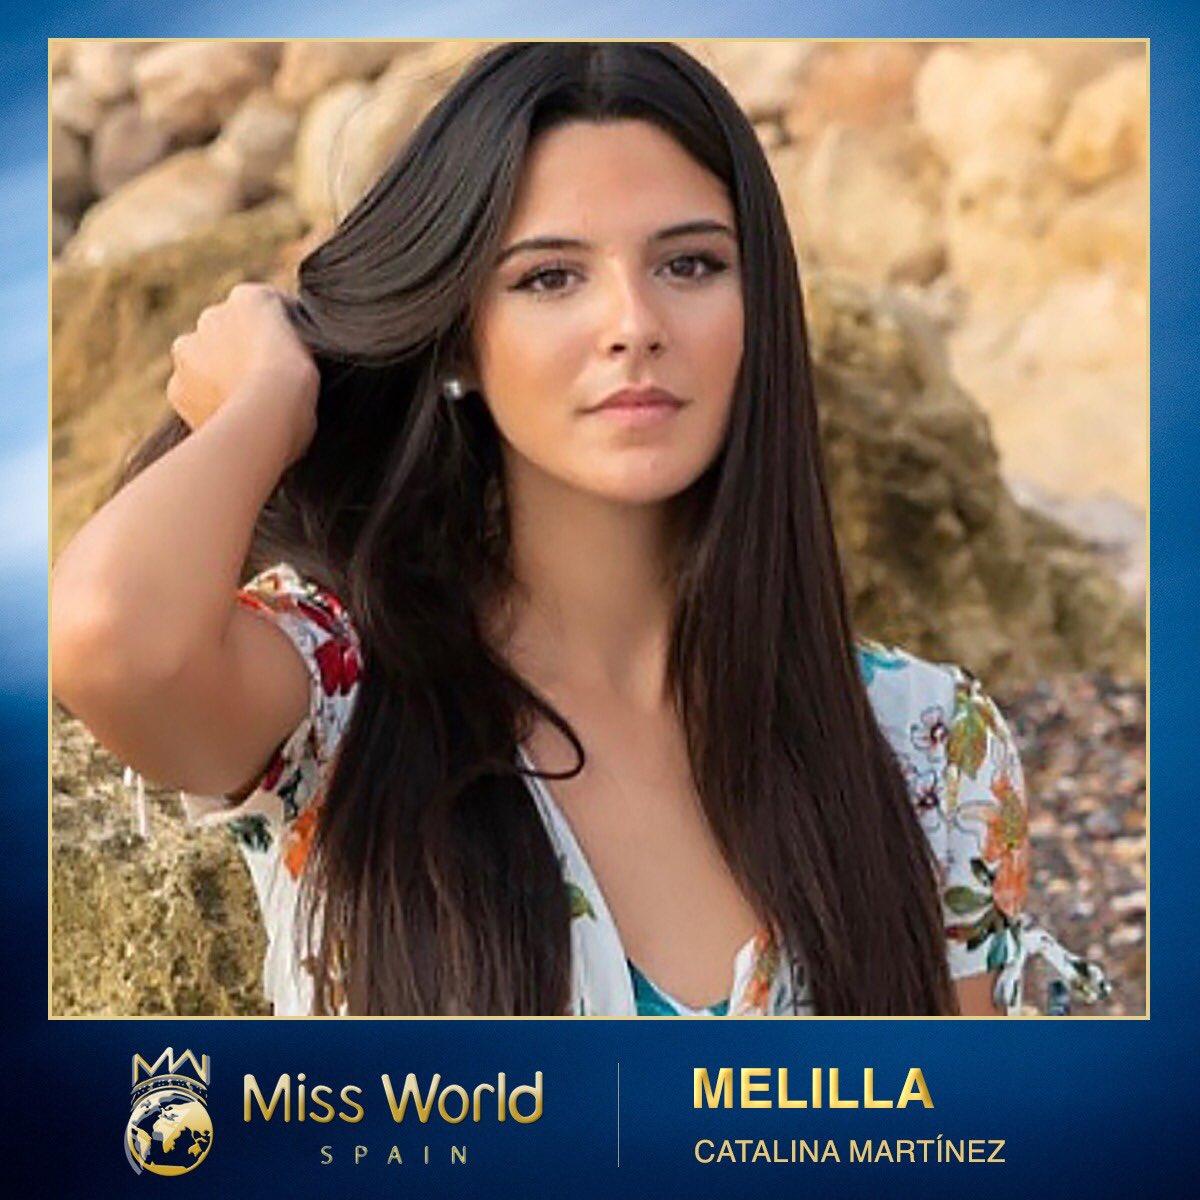 miss world spain 2020, vencedora: almeria. - Página 3 U1FKwX